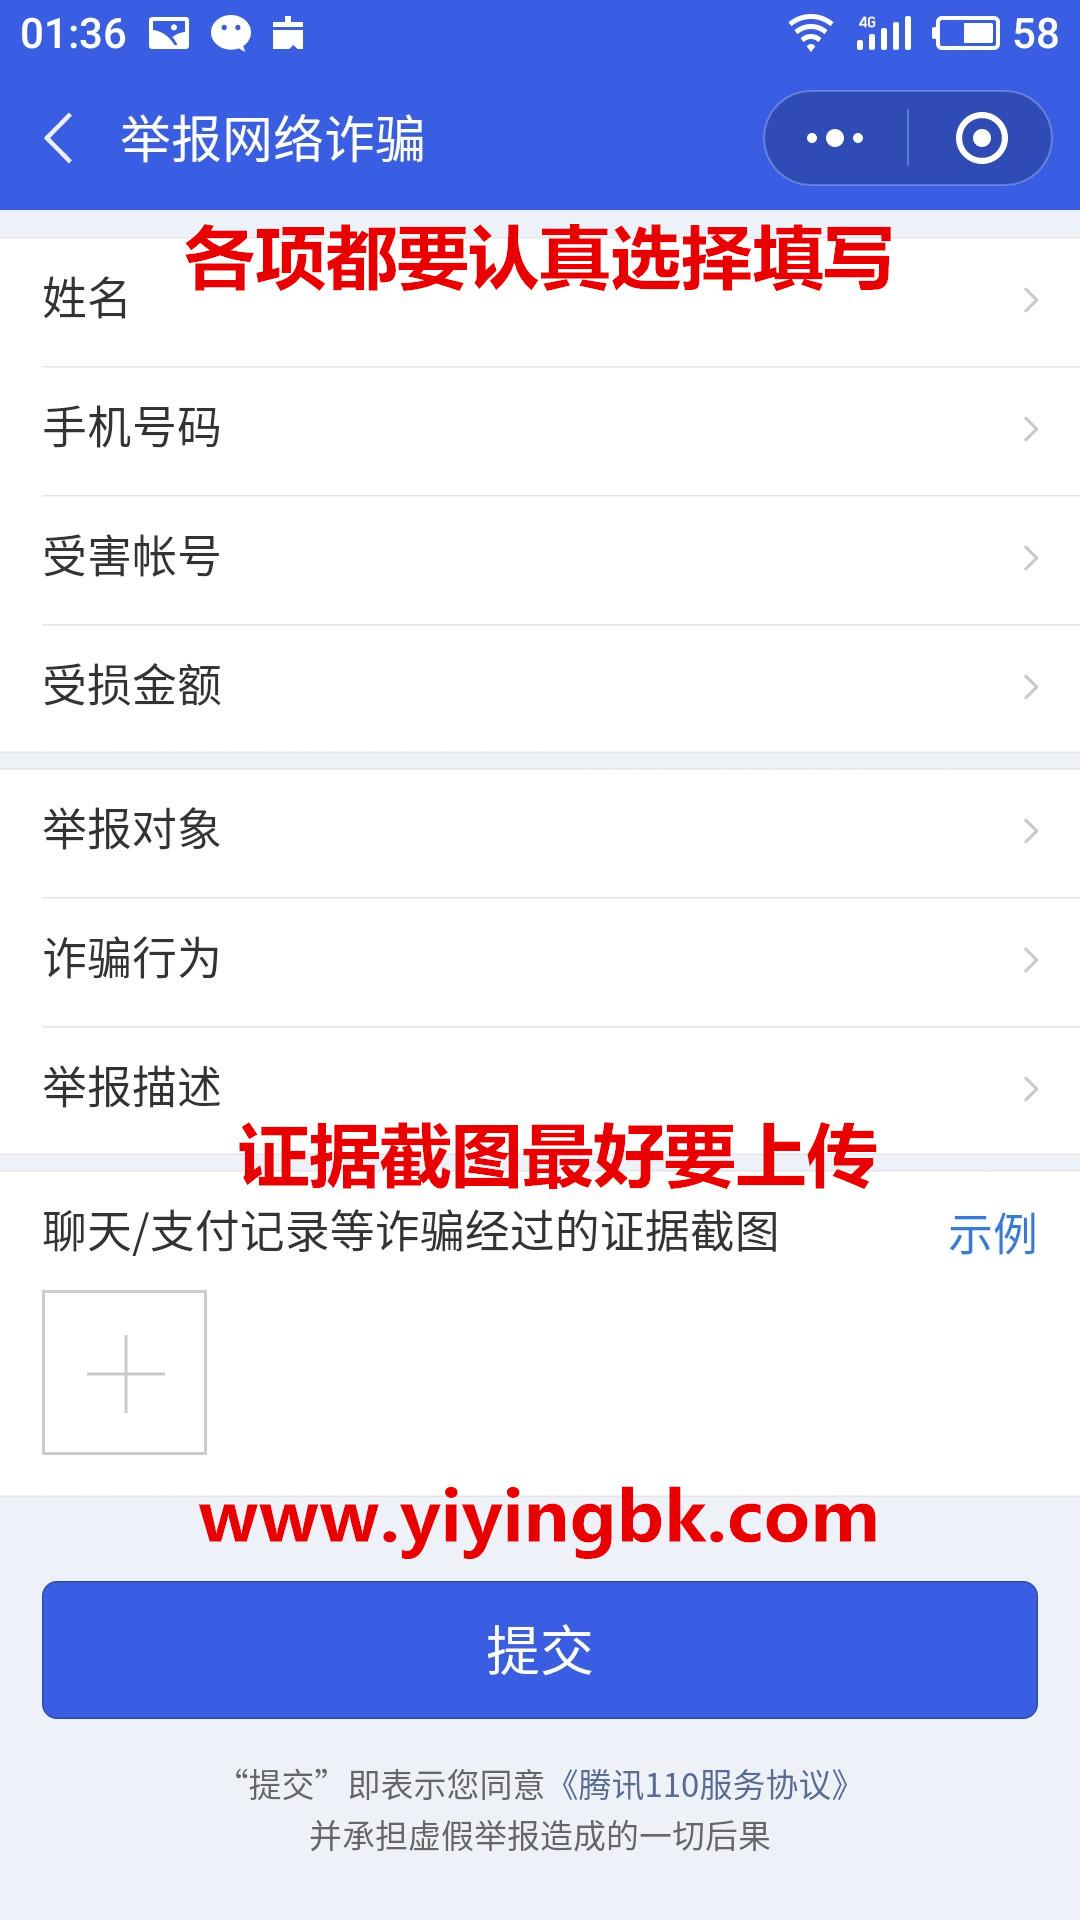 微信小程序腾讯110举报网络诈骗